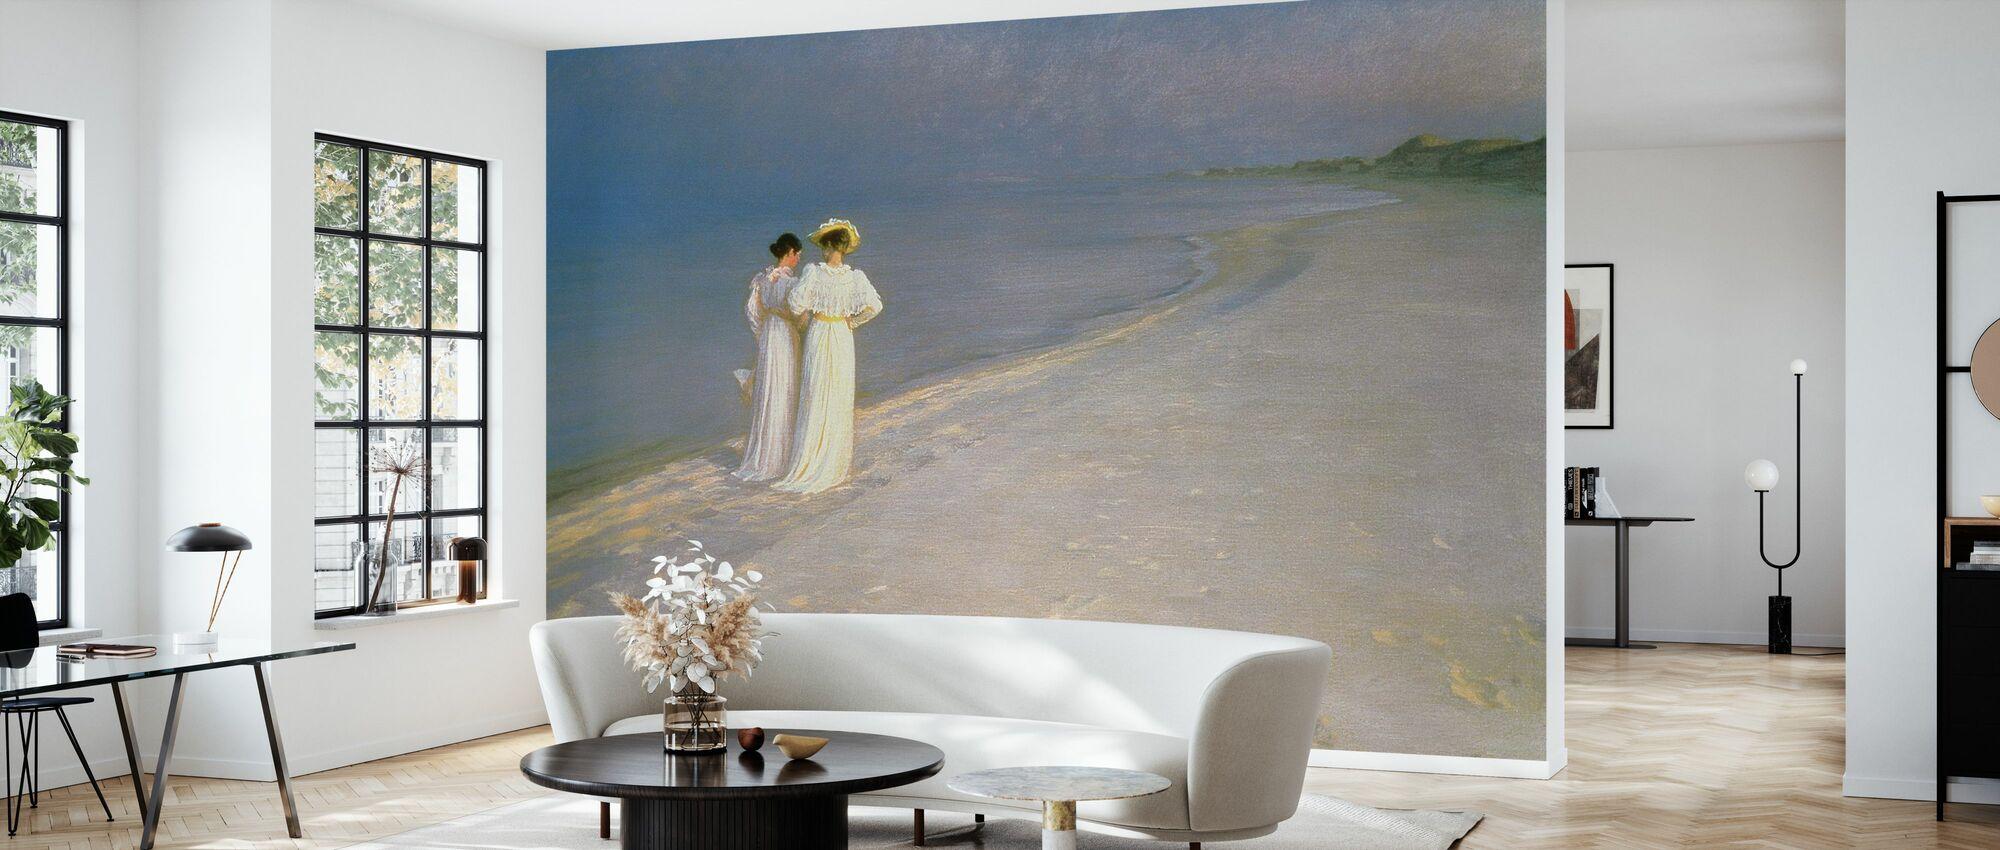 Soirée d'été sur la plage sud de Skagen avec Anna Ancher et Marie Kroyer - Peder Severin Kroyer - Papier peint - Salle à manger